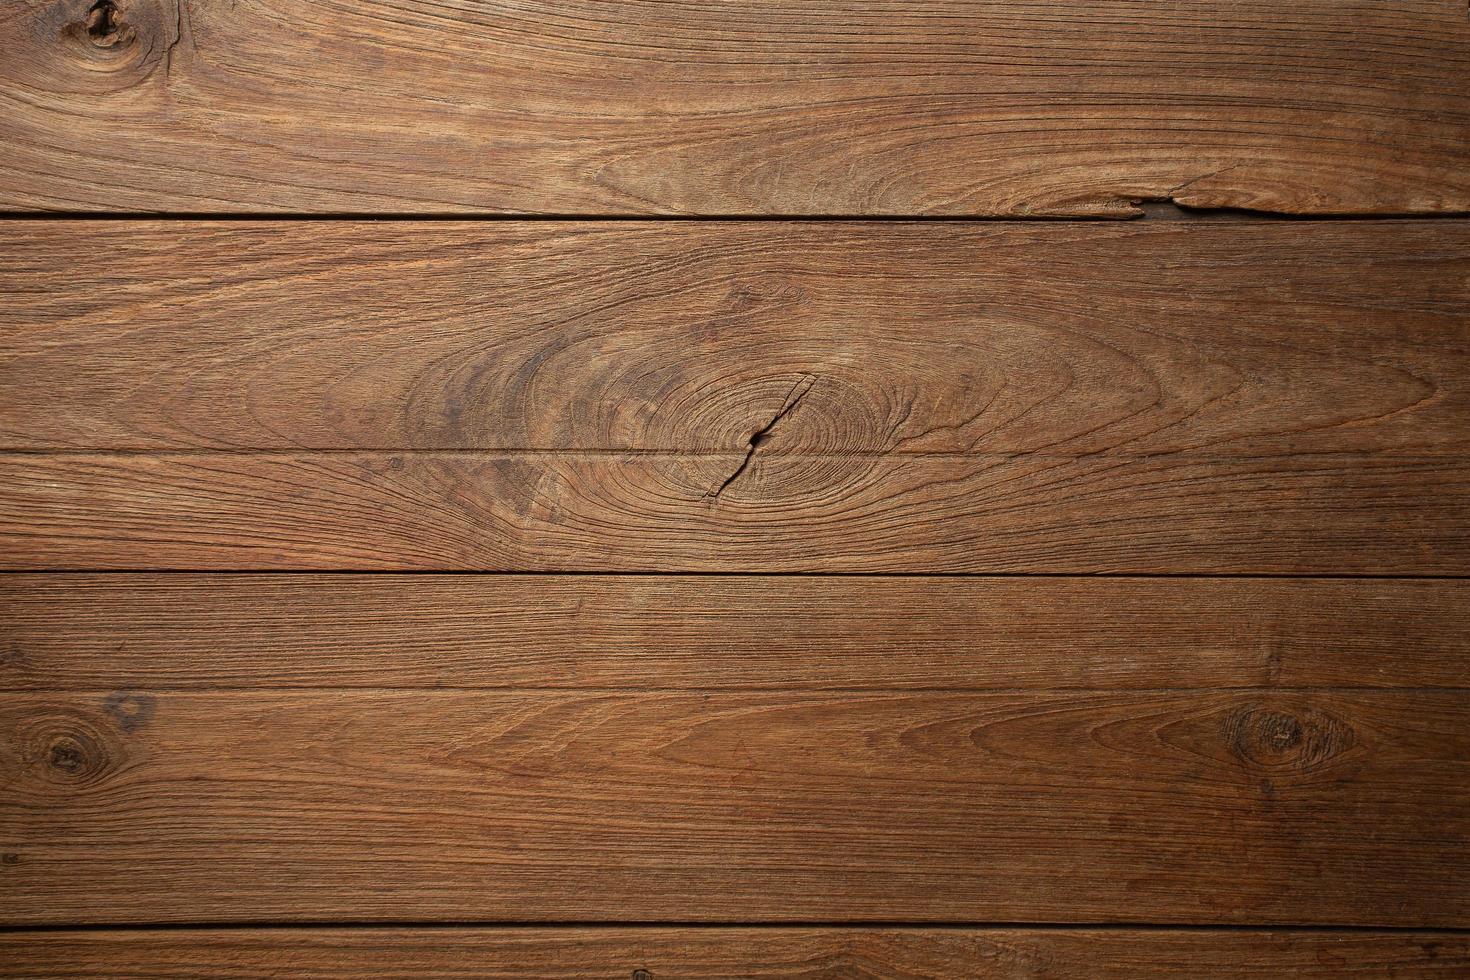 donkere oude houten tafel textuur achtergrond bovenaanzicht foto